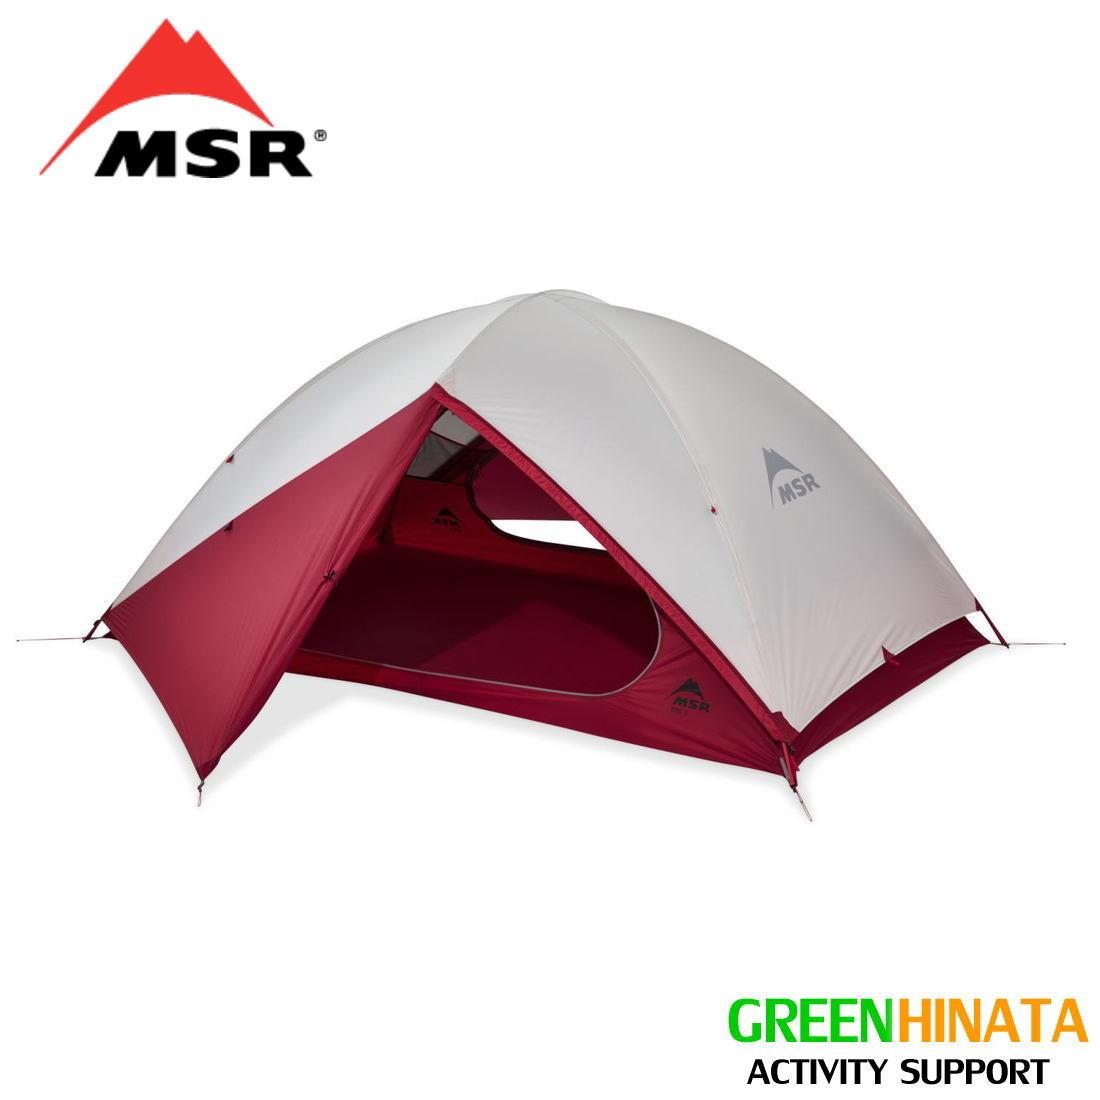 【国内正規品】 エムエスアール ゾイック2 2人用テント MSR Zoic 2 Backpacking Tent